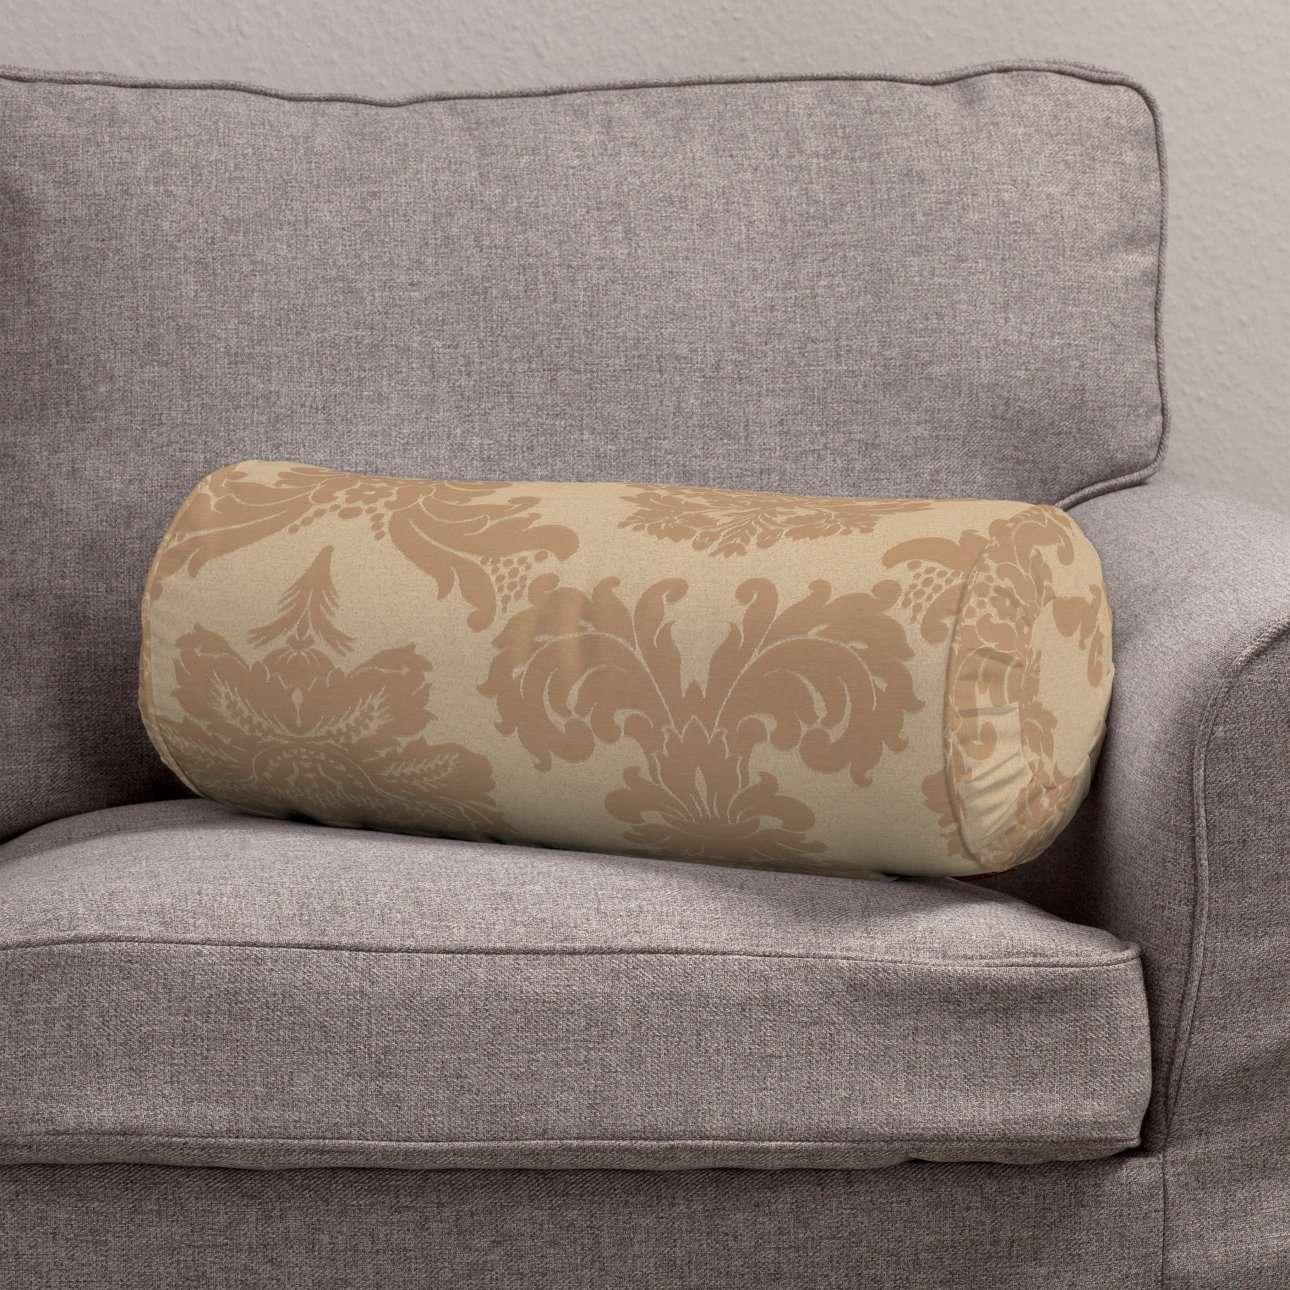 Wałek z zakładkami Ø 20 x 50 cm w kolekcji Damasco, tkanina: 613-04